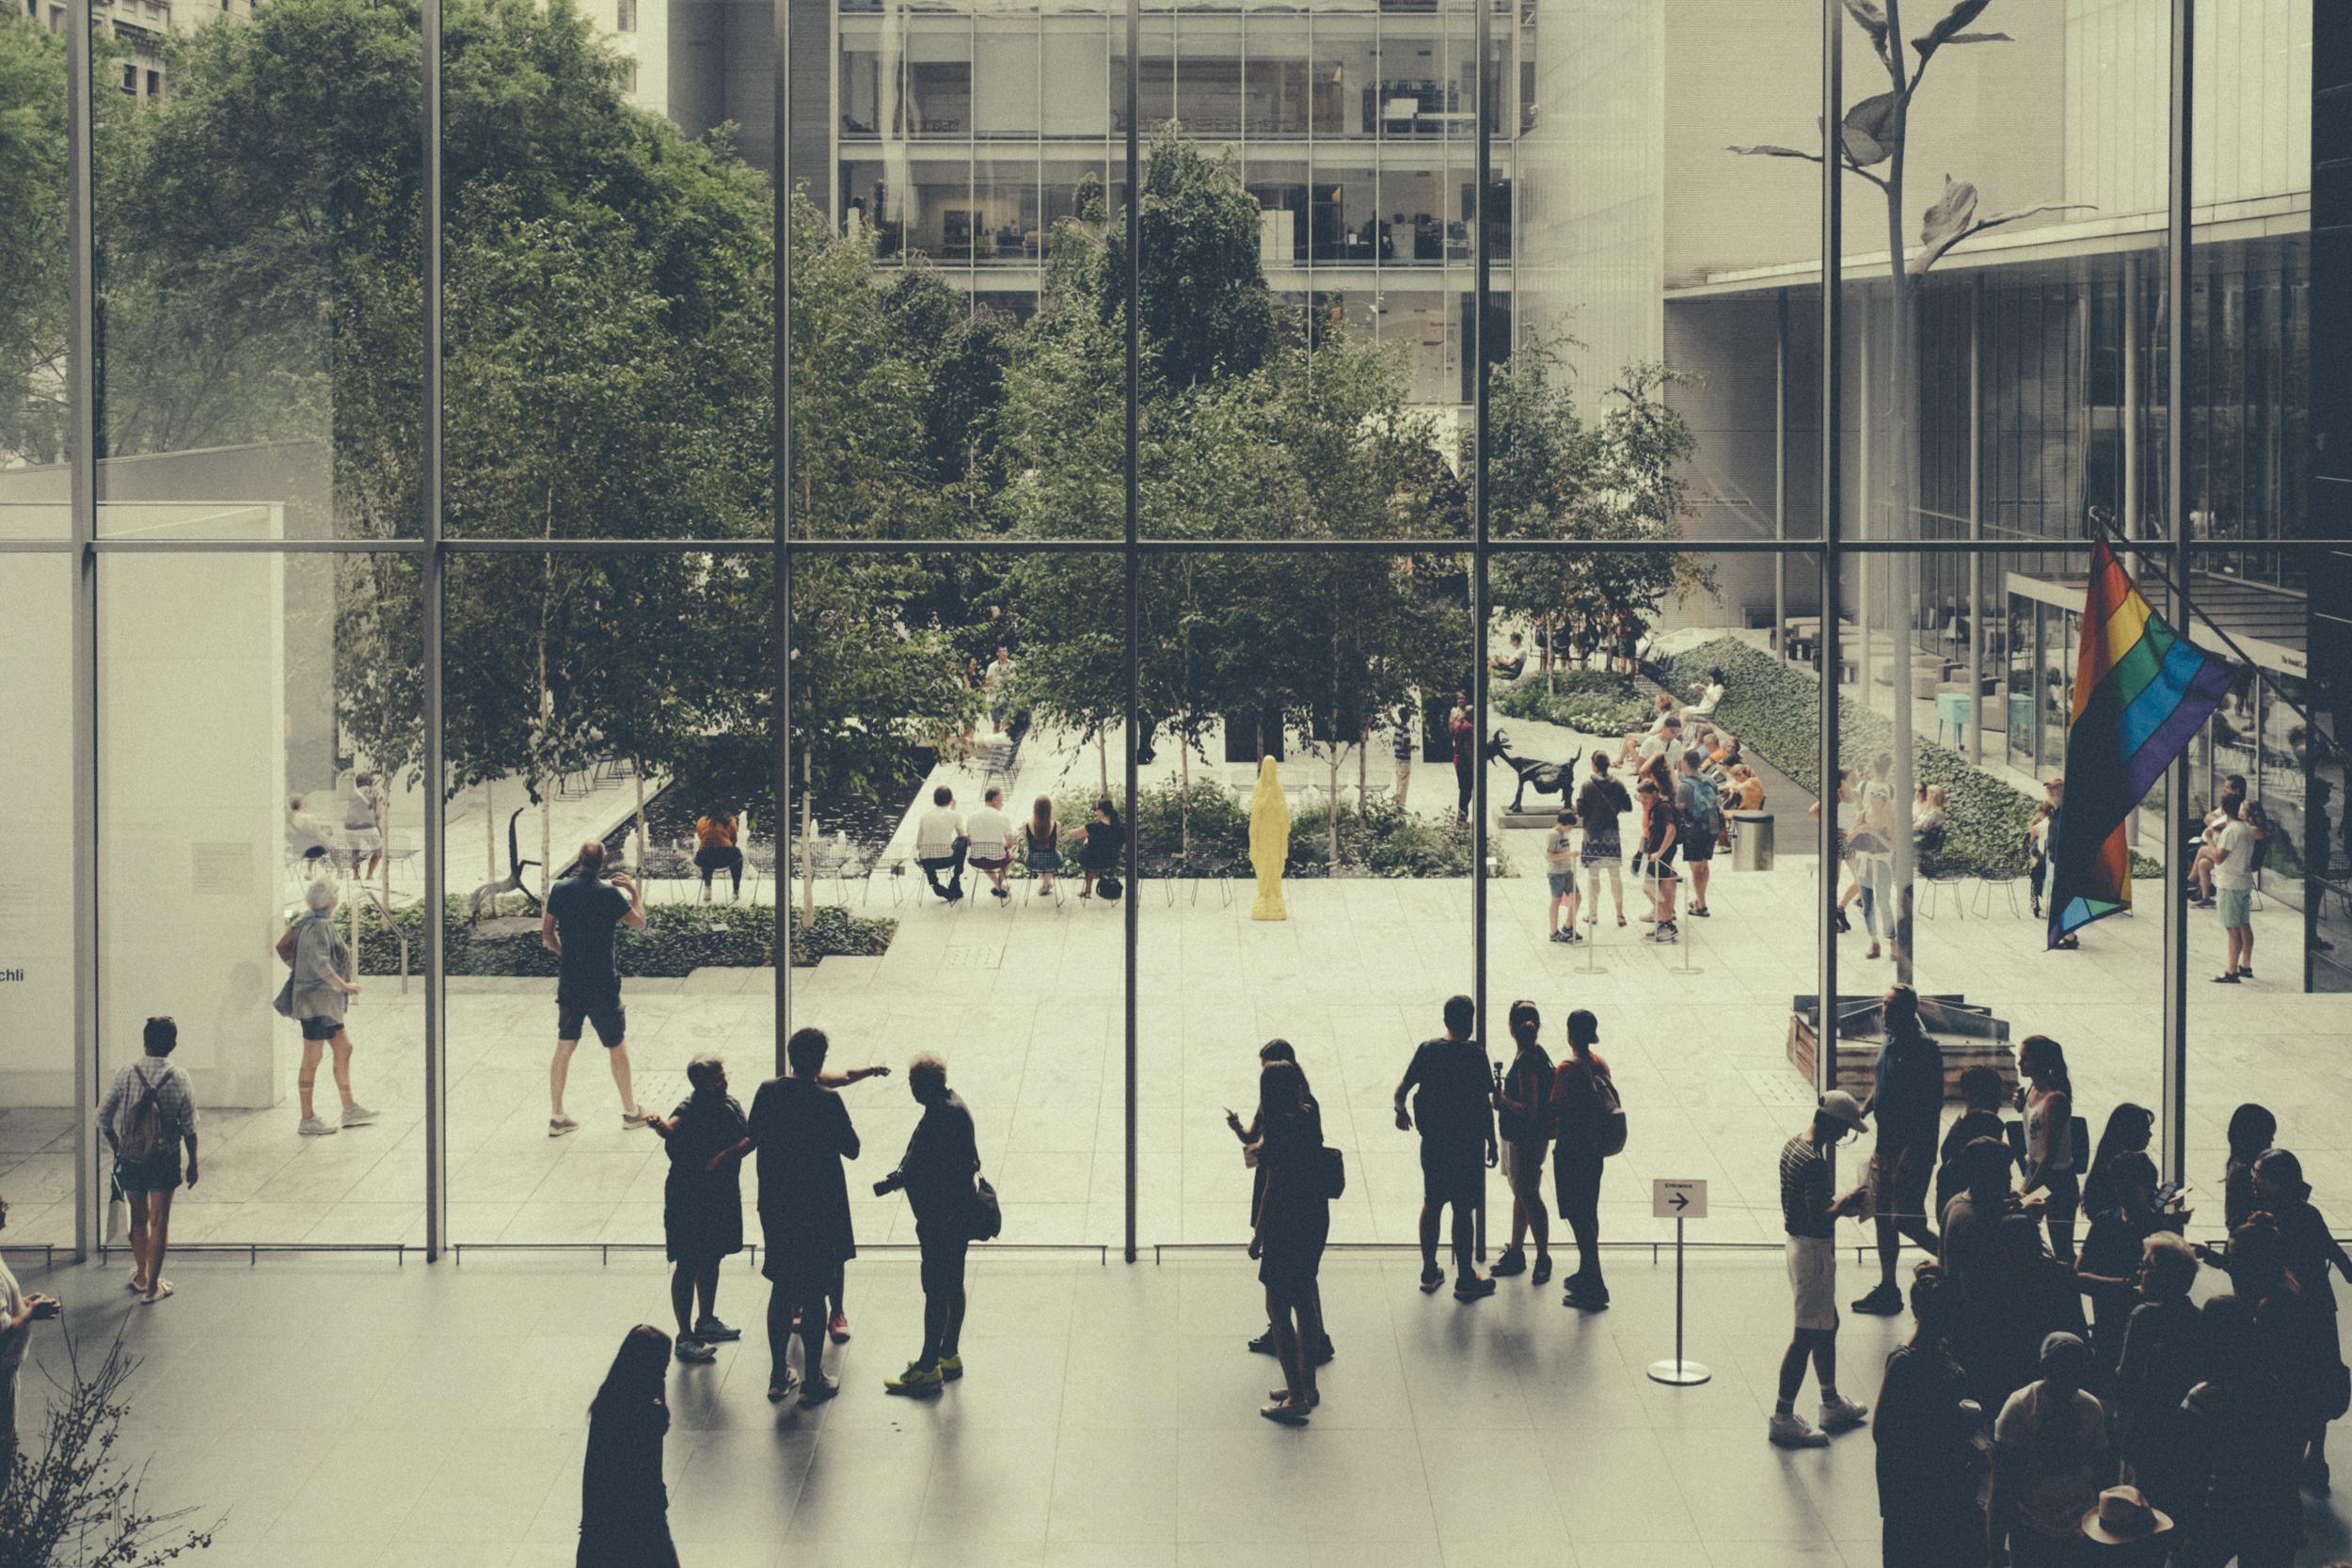 EH2291_MoMA-Lobby.jpg